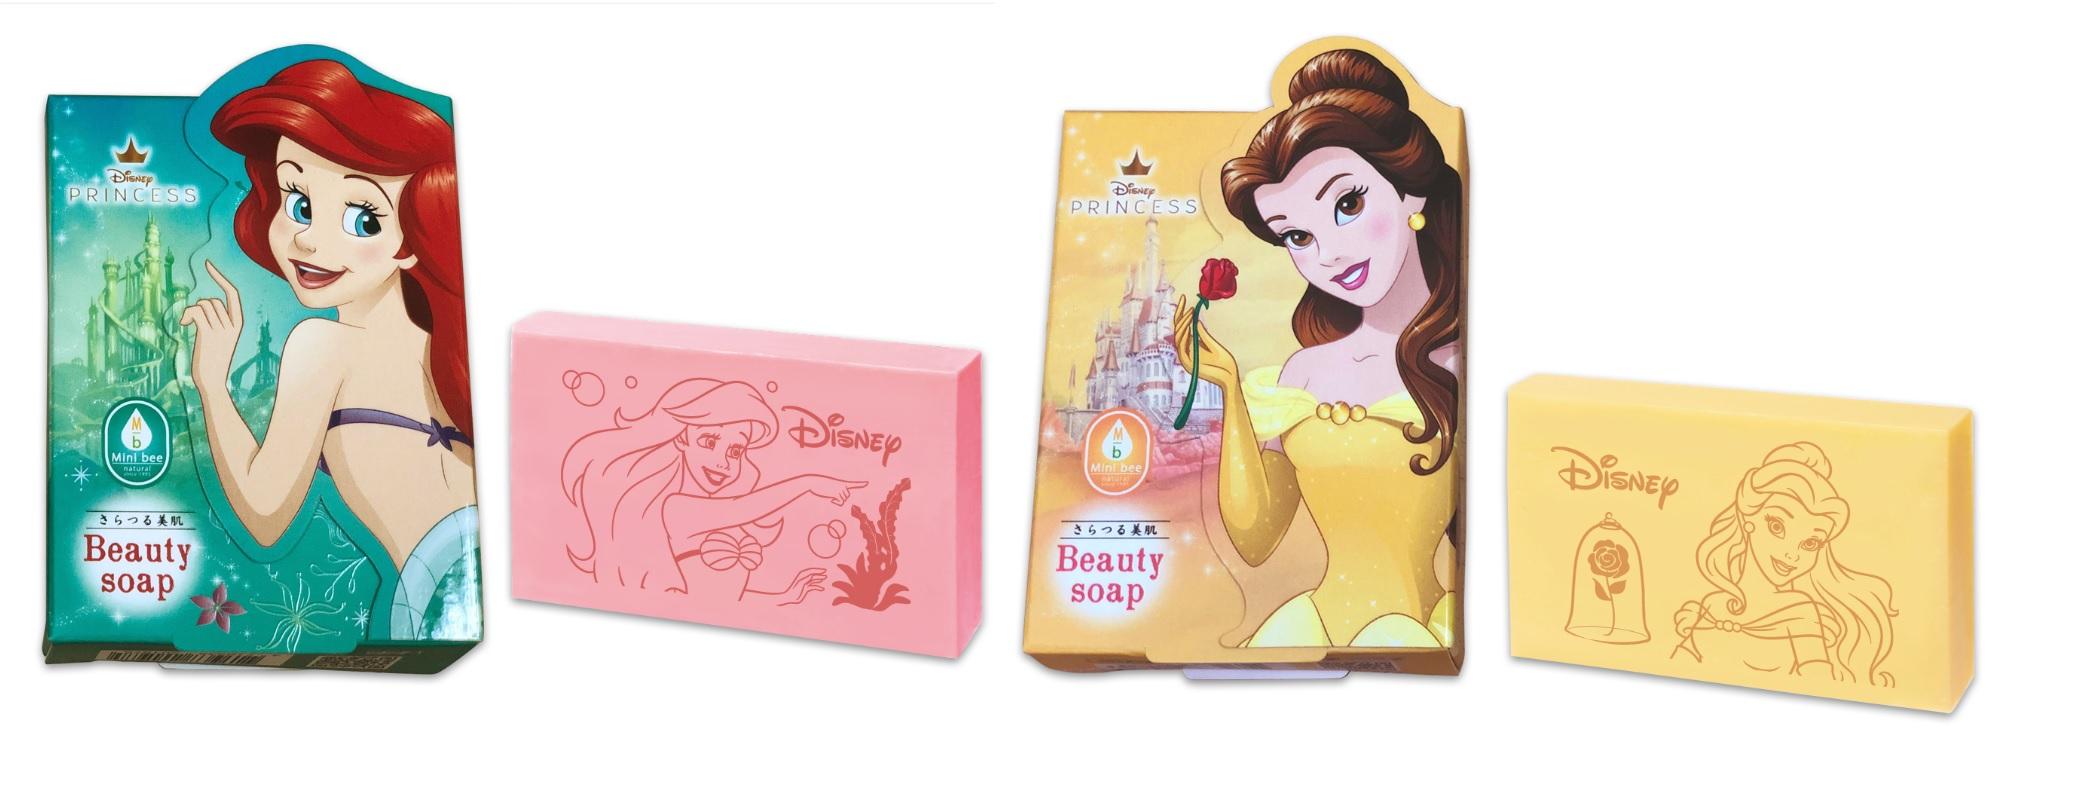 MBP-01迪士尼公主香皂1入共2款(小美人魚公主/貝兒公主)